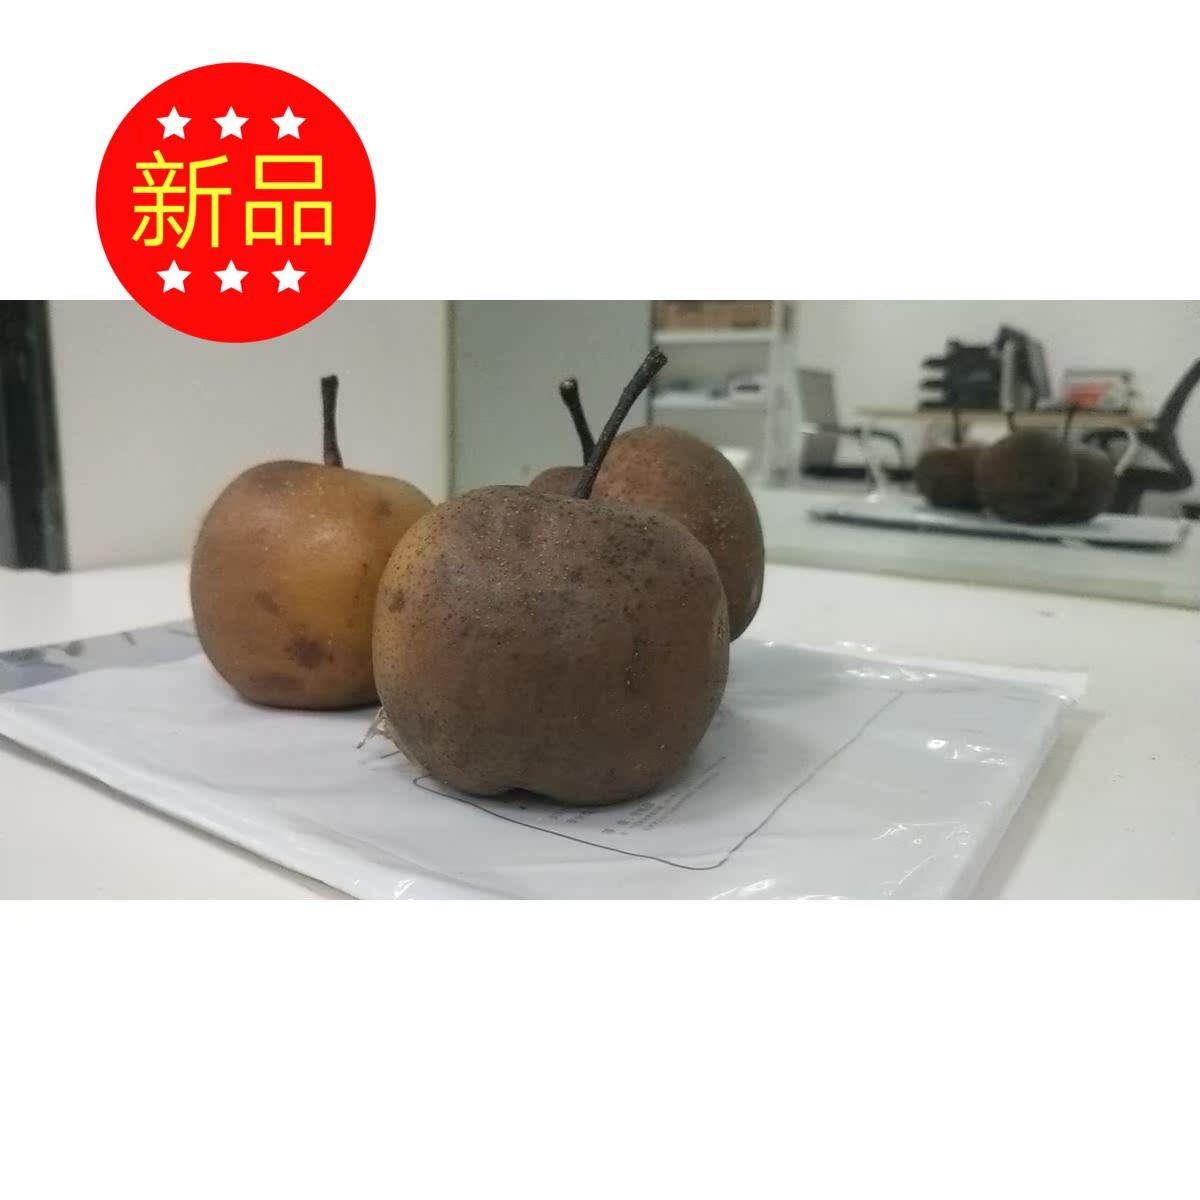 兰州什川特产新鲜软儿梨水果化心果永宁坊特卖10斤软儿梨顺丰包邮